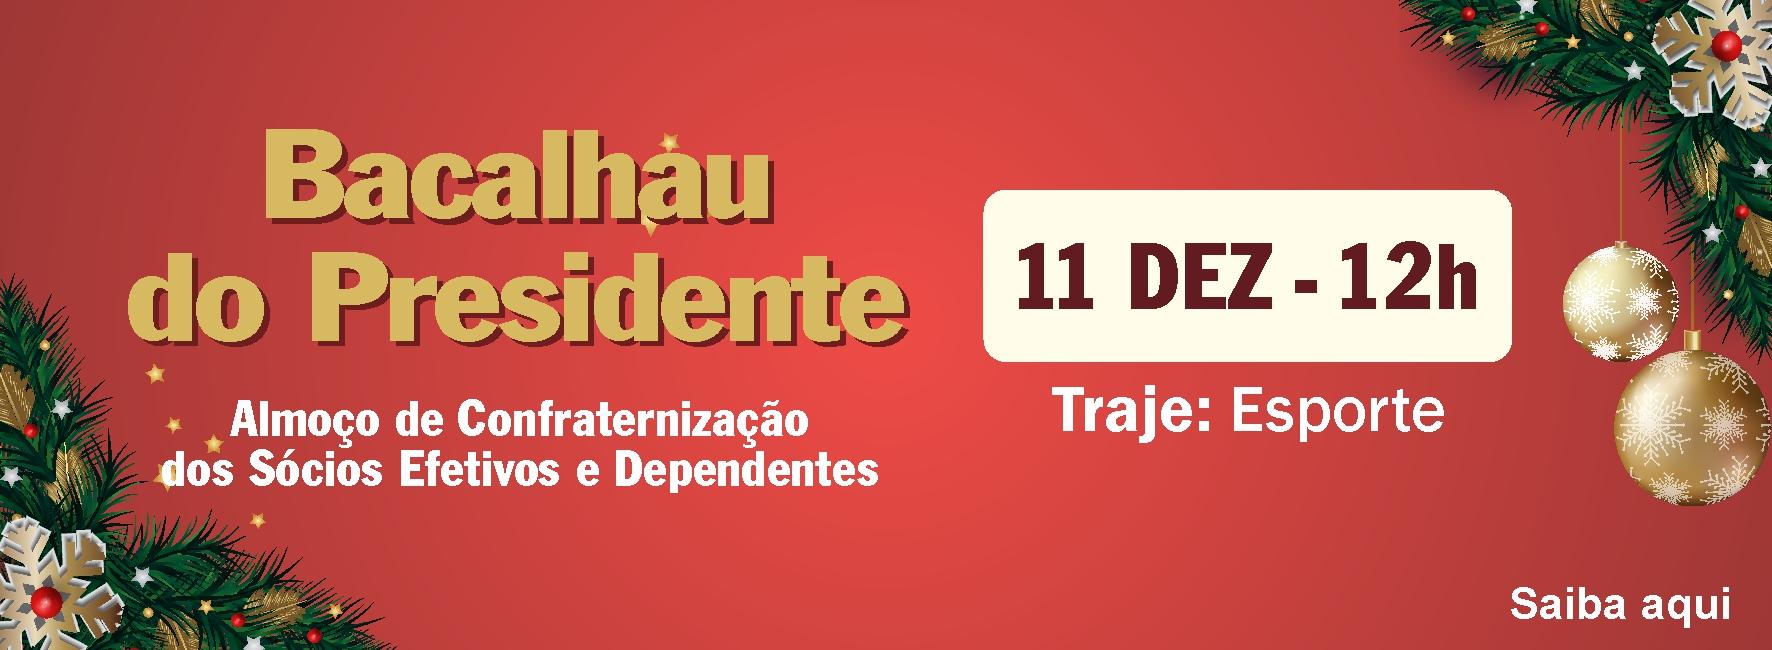 https://www.clubenaval.org.br/novo/bacalhau-com-o-presidente-3